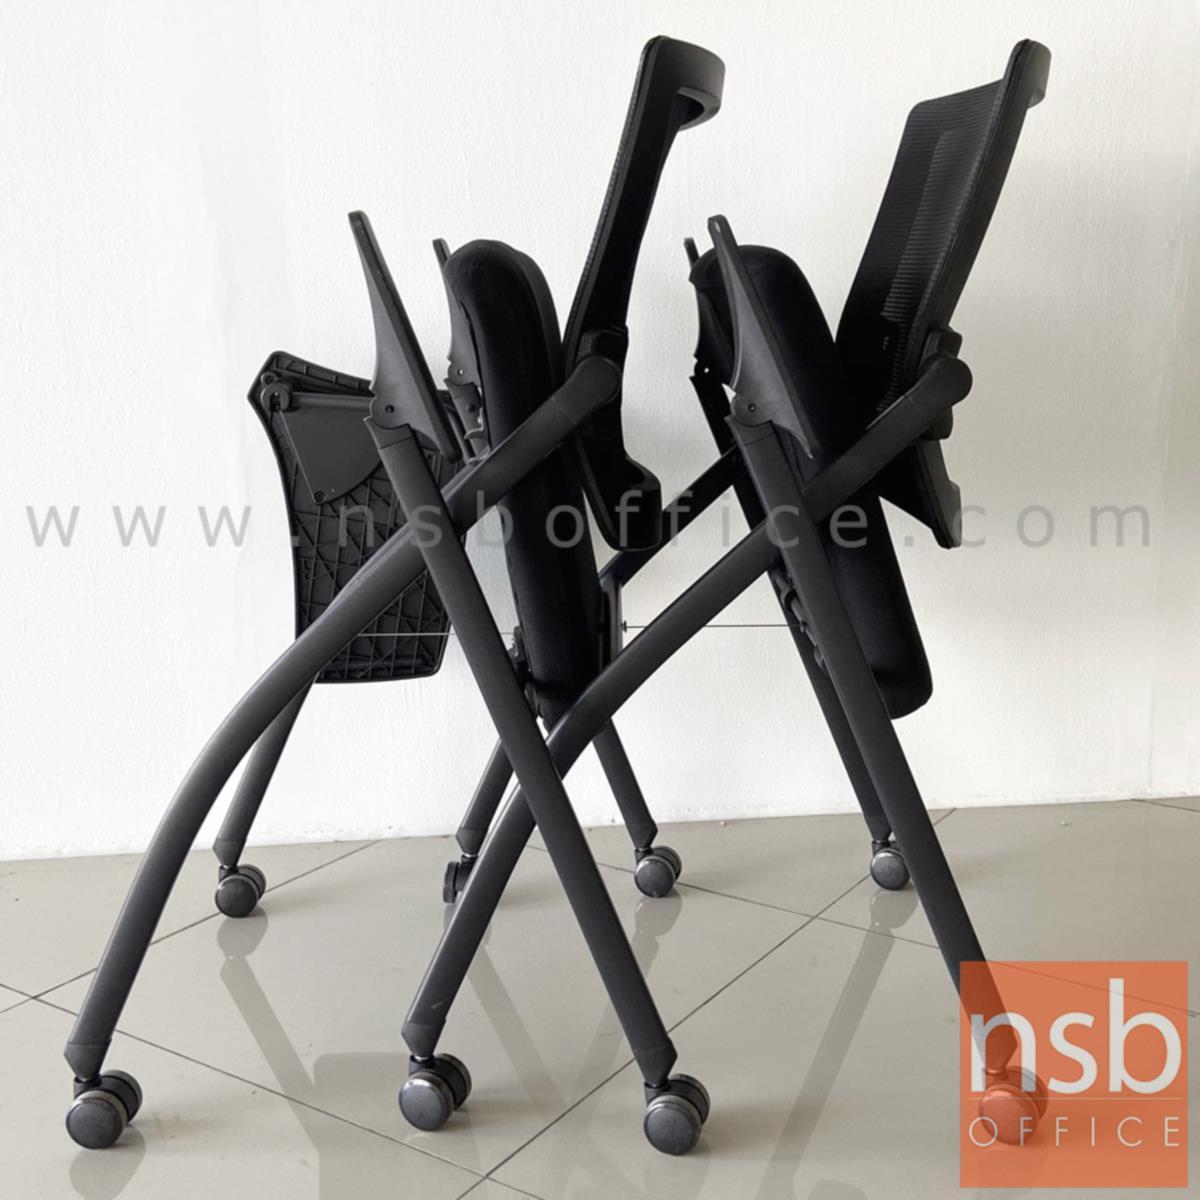 เก้าอี้สำนักงานหลังเน็ต รุ่น Daho (ดาโฮ)  ขาเหล็กพ่นสีดำ